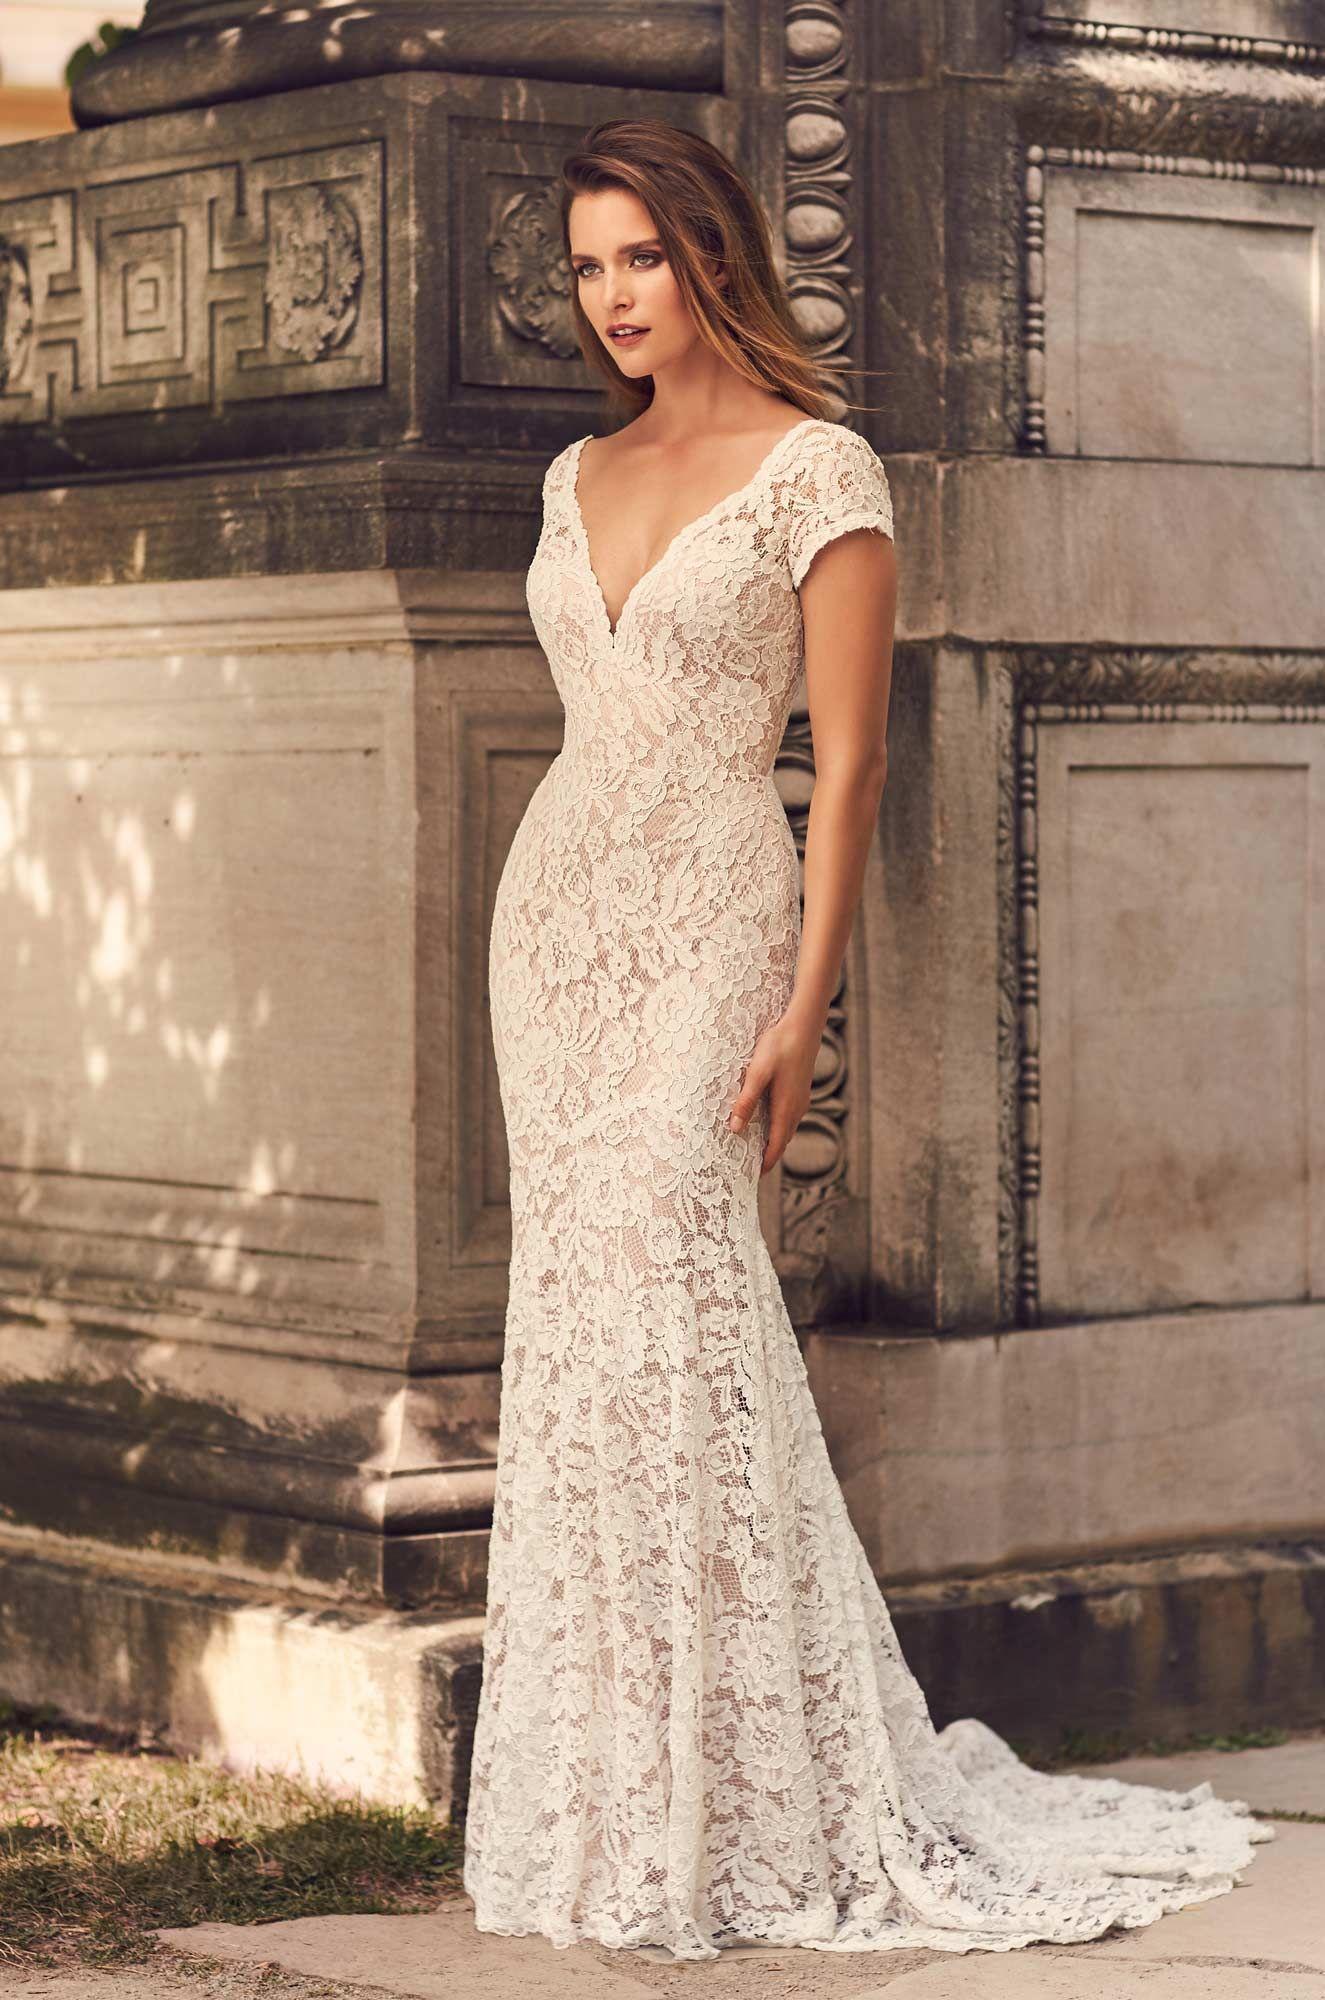 Short Sleeve V Neckline Wedding Dress Style 2233 Wedding